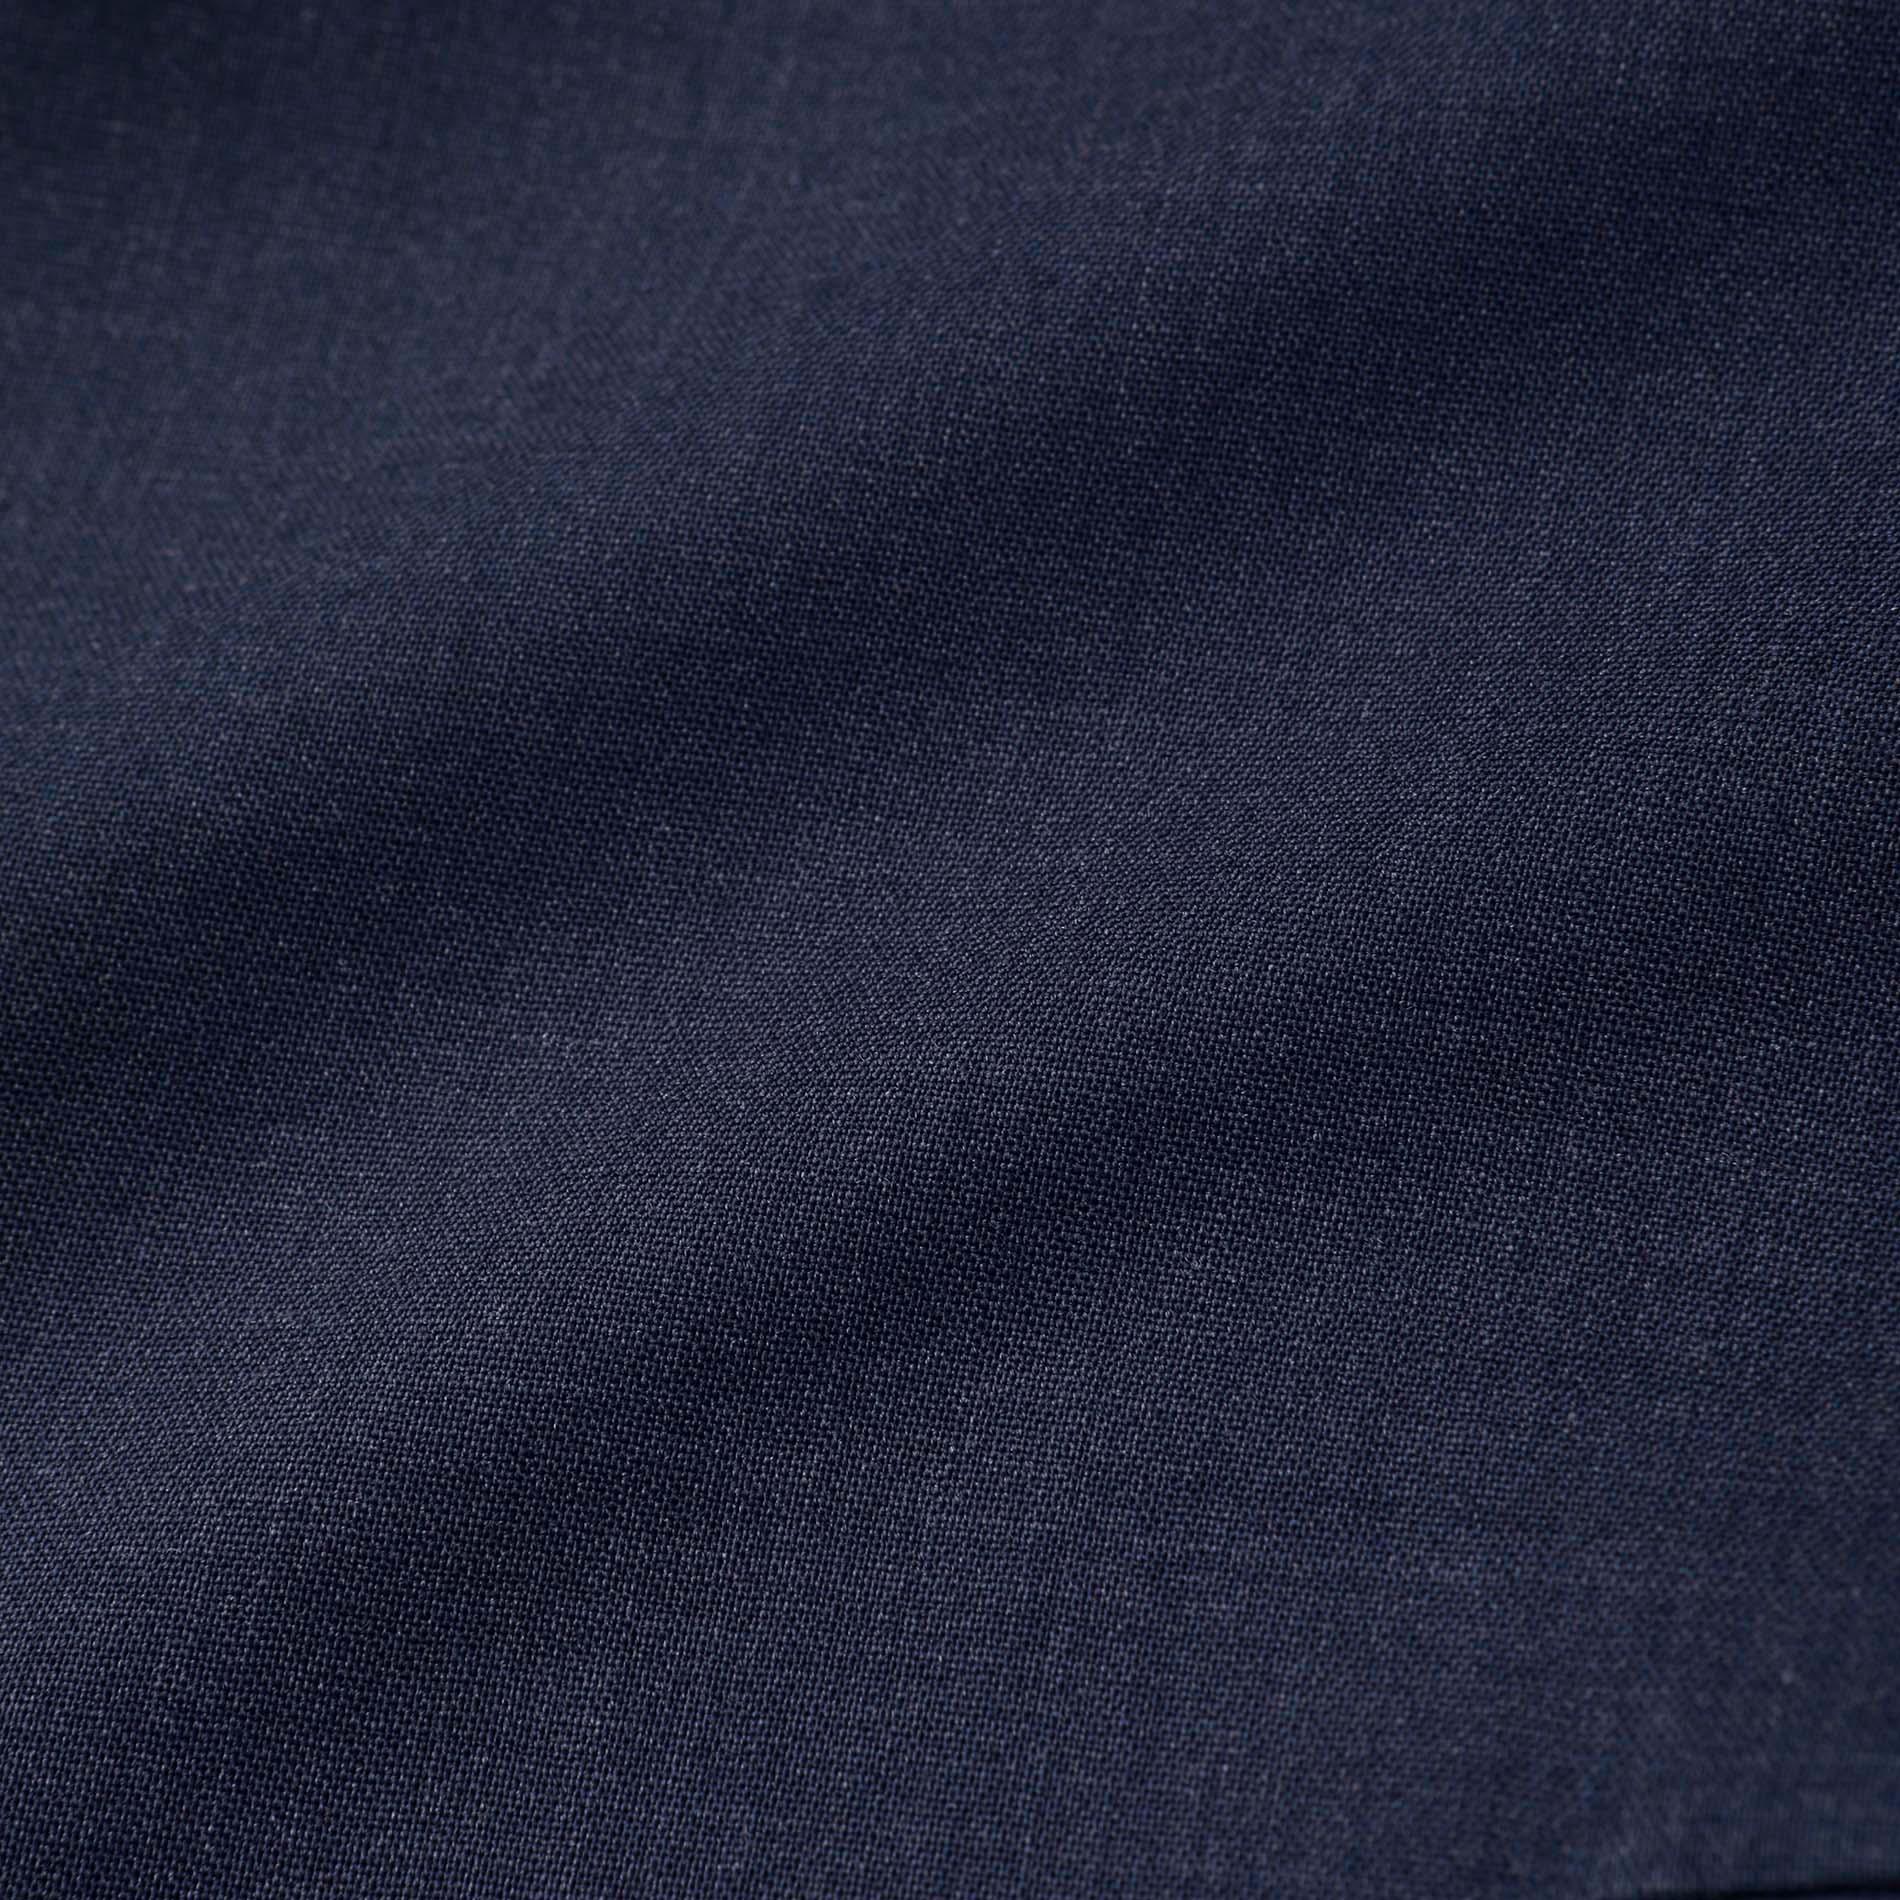 【NEW BRIDGE】【CERRUTI/チェルッティ】【別注】I-TRAVEL無地スーツ